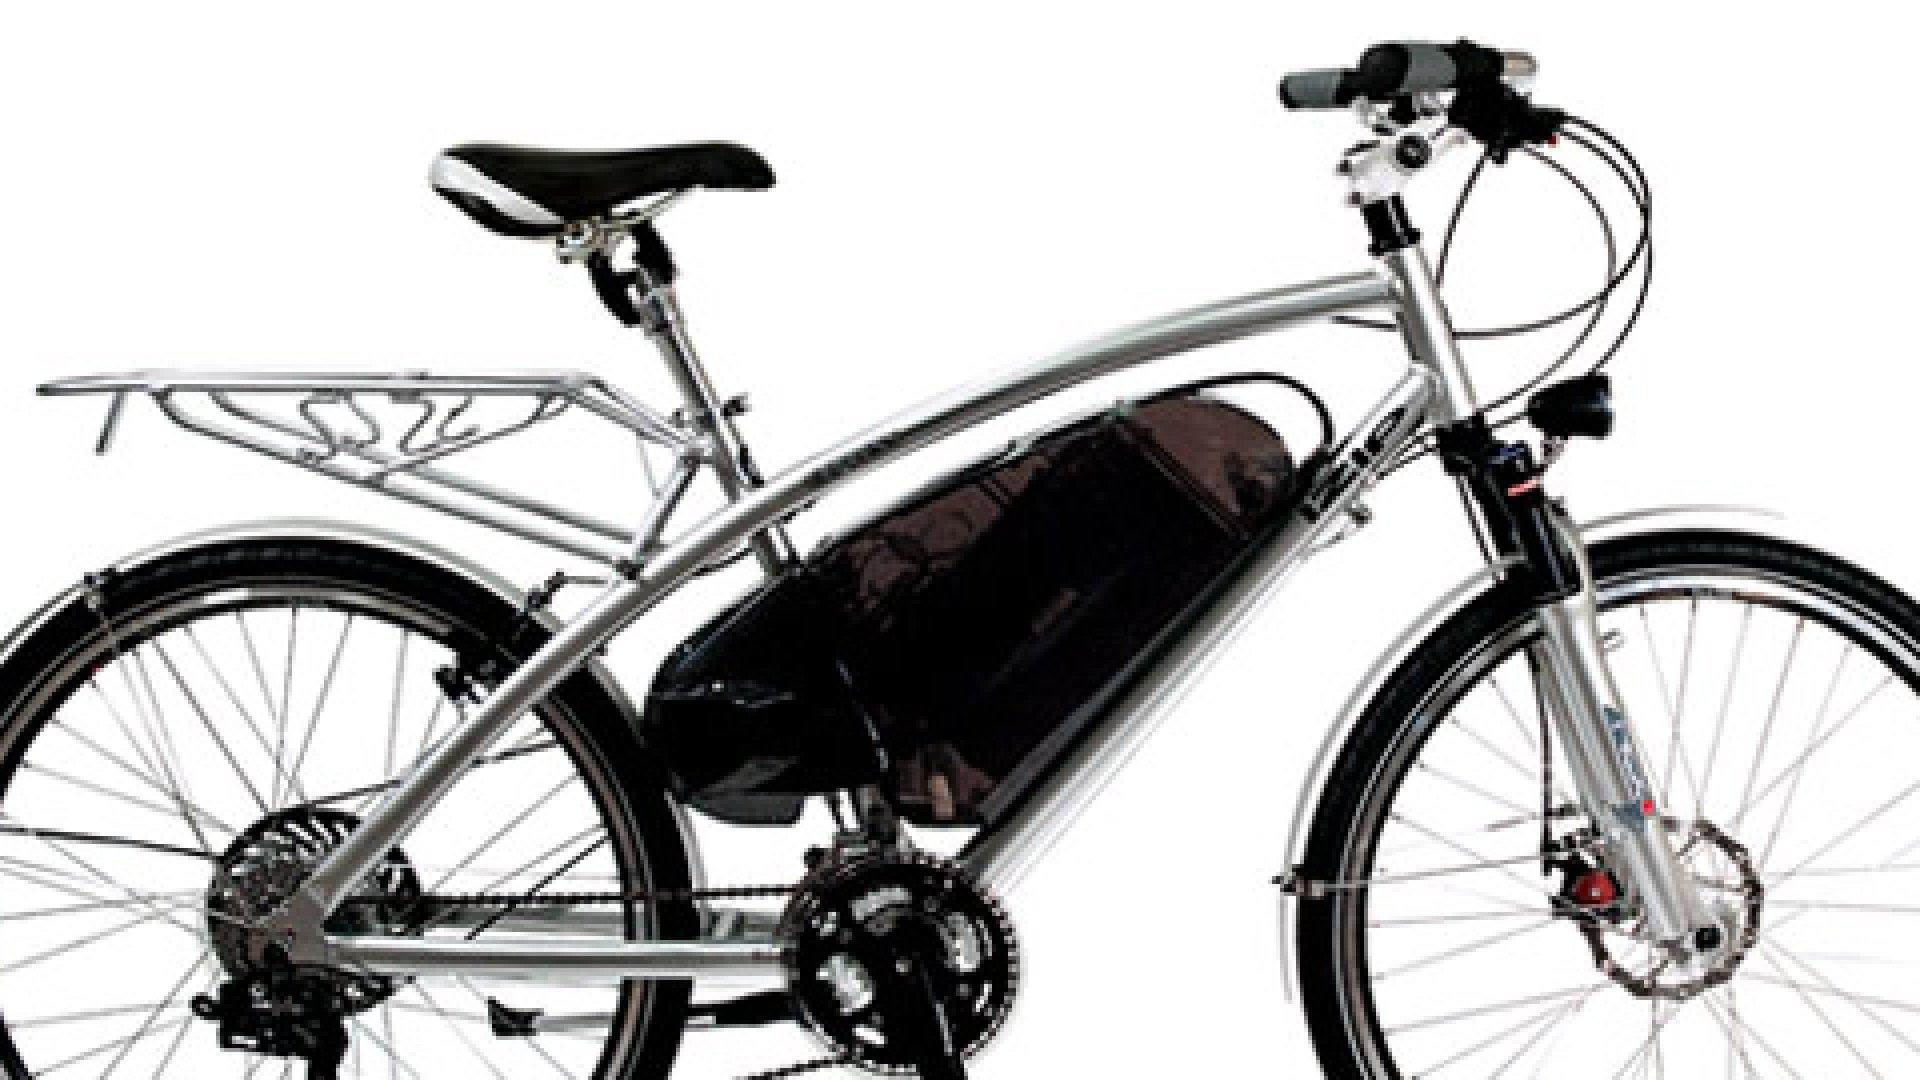 The New Izip Express Bike